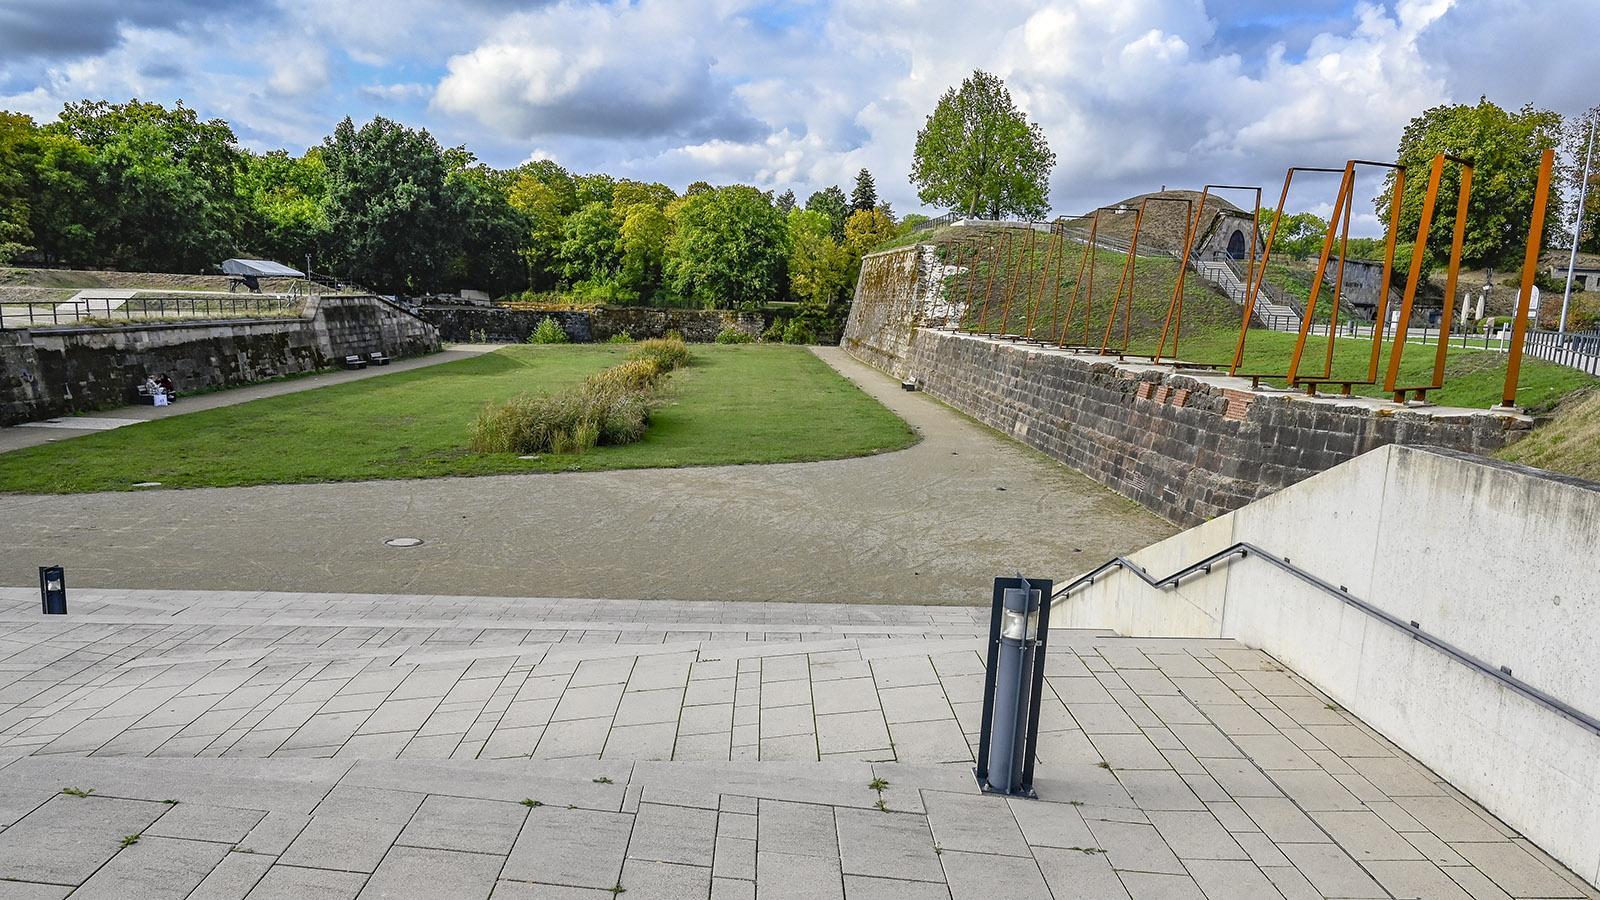 Saarlouis. Bastion VI. Die Bügel aus Kortenstahl zeichnen den ehemaligen Verlauf der Festungsmauer nach. Foto: Hilke Maunder